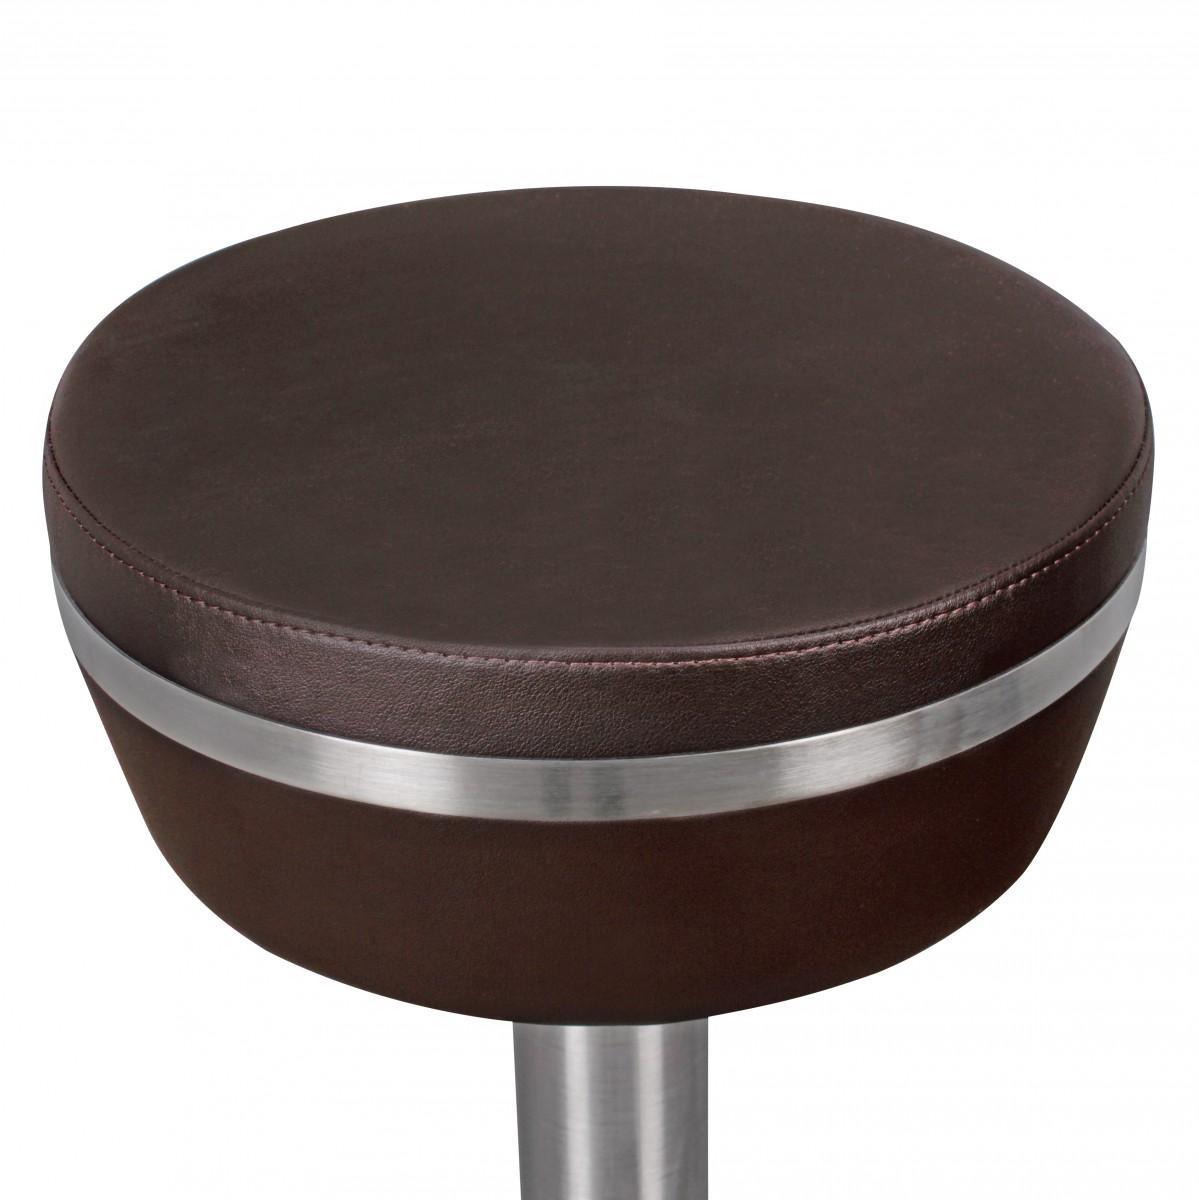 Wohnling durable m9 barhocker barstuhl tresenhocker design for Barhocker leder braun edelstahl